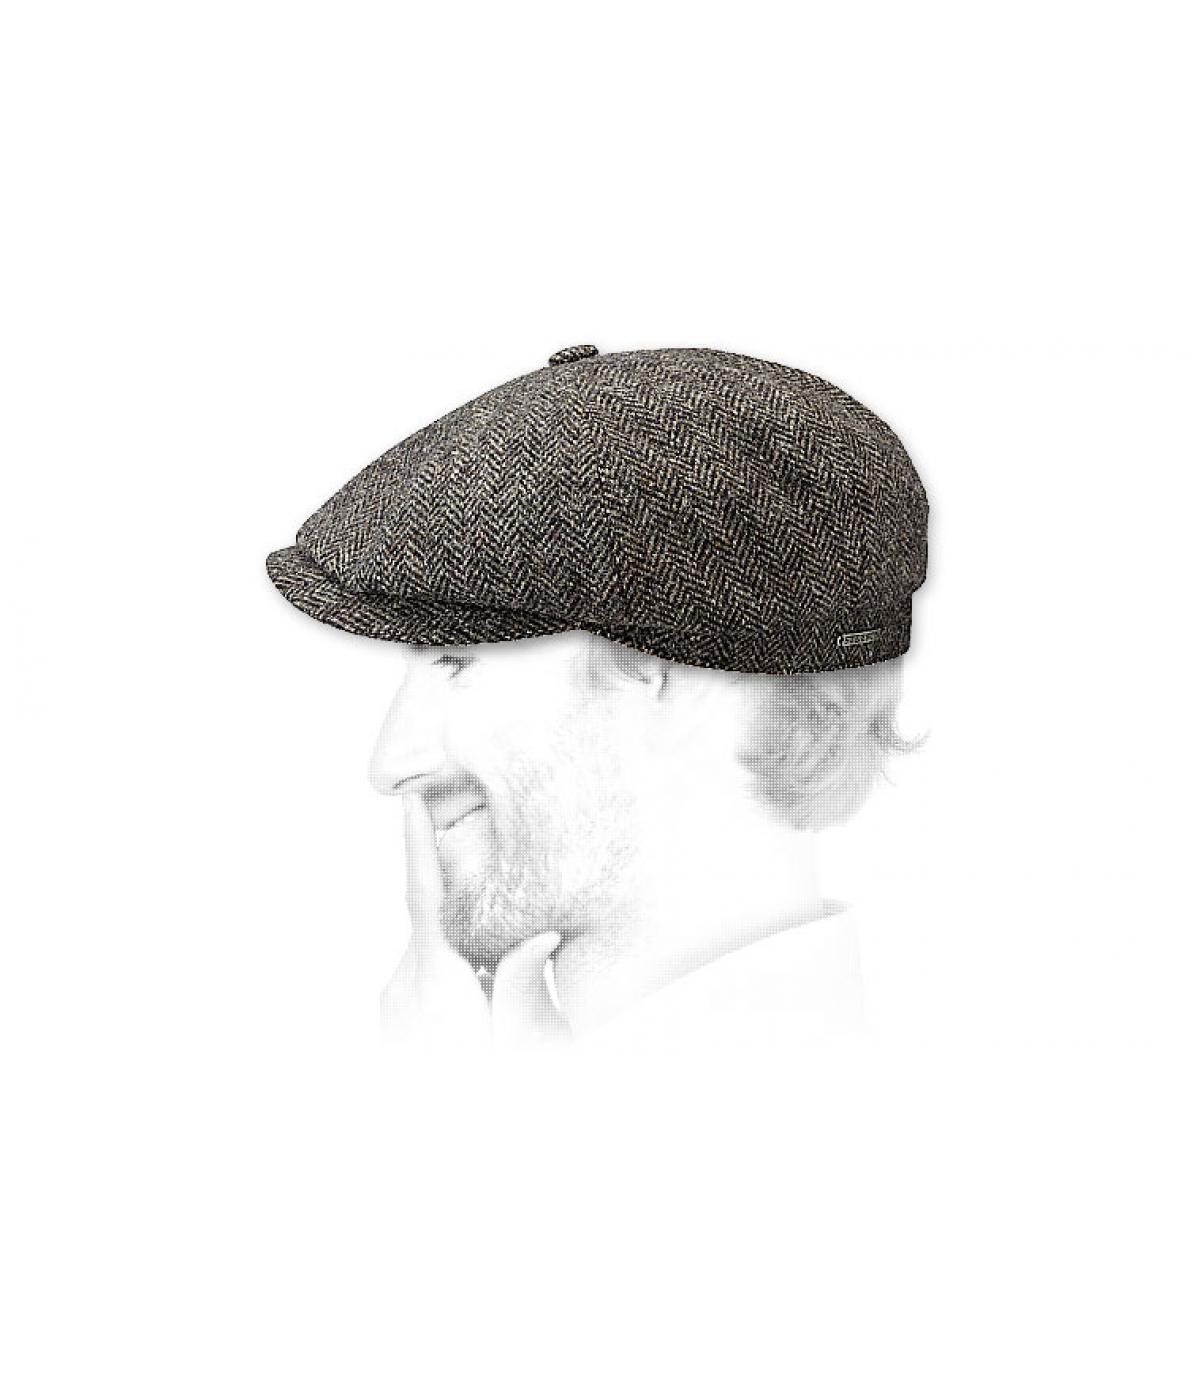 Detalles Hatteras woolrich grigio scuro imagen 3